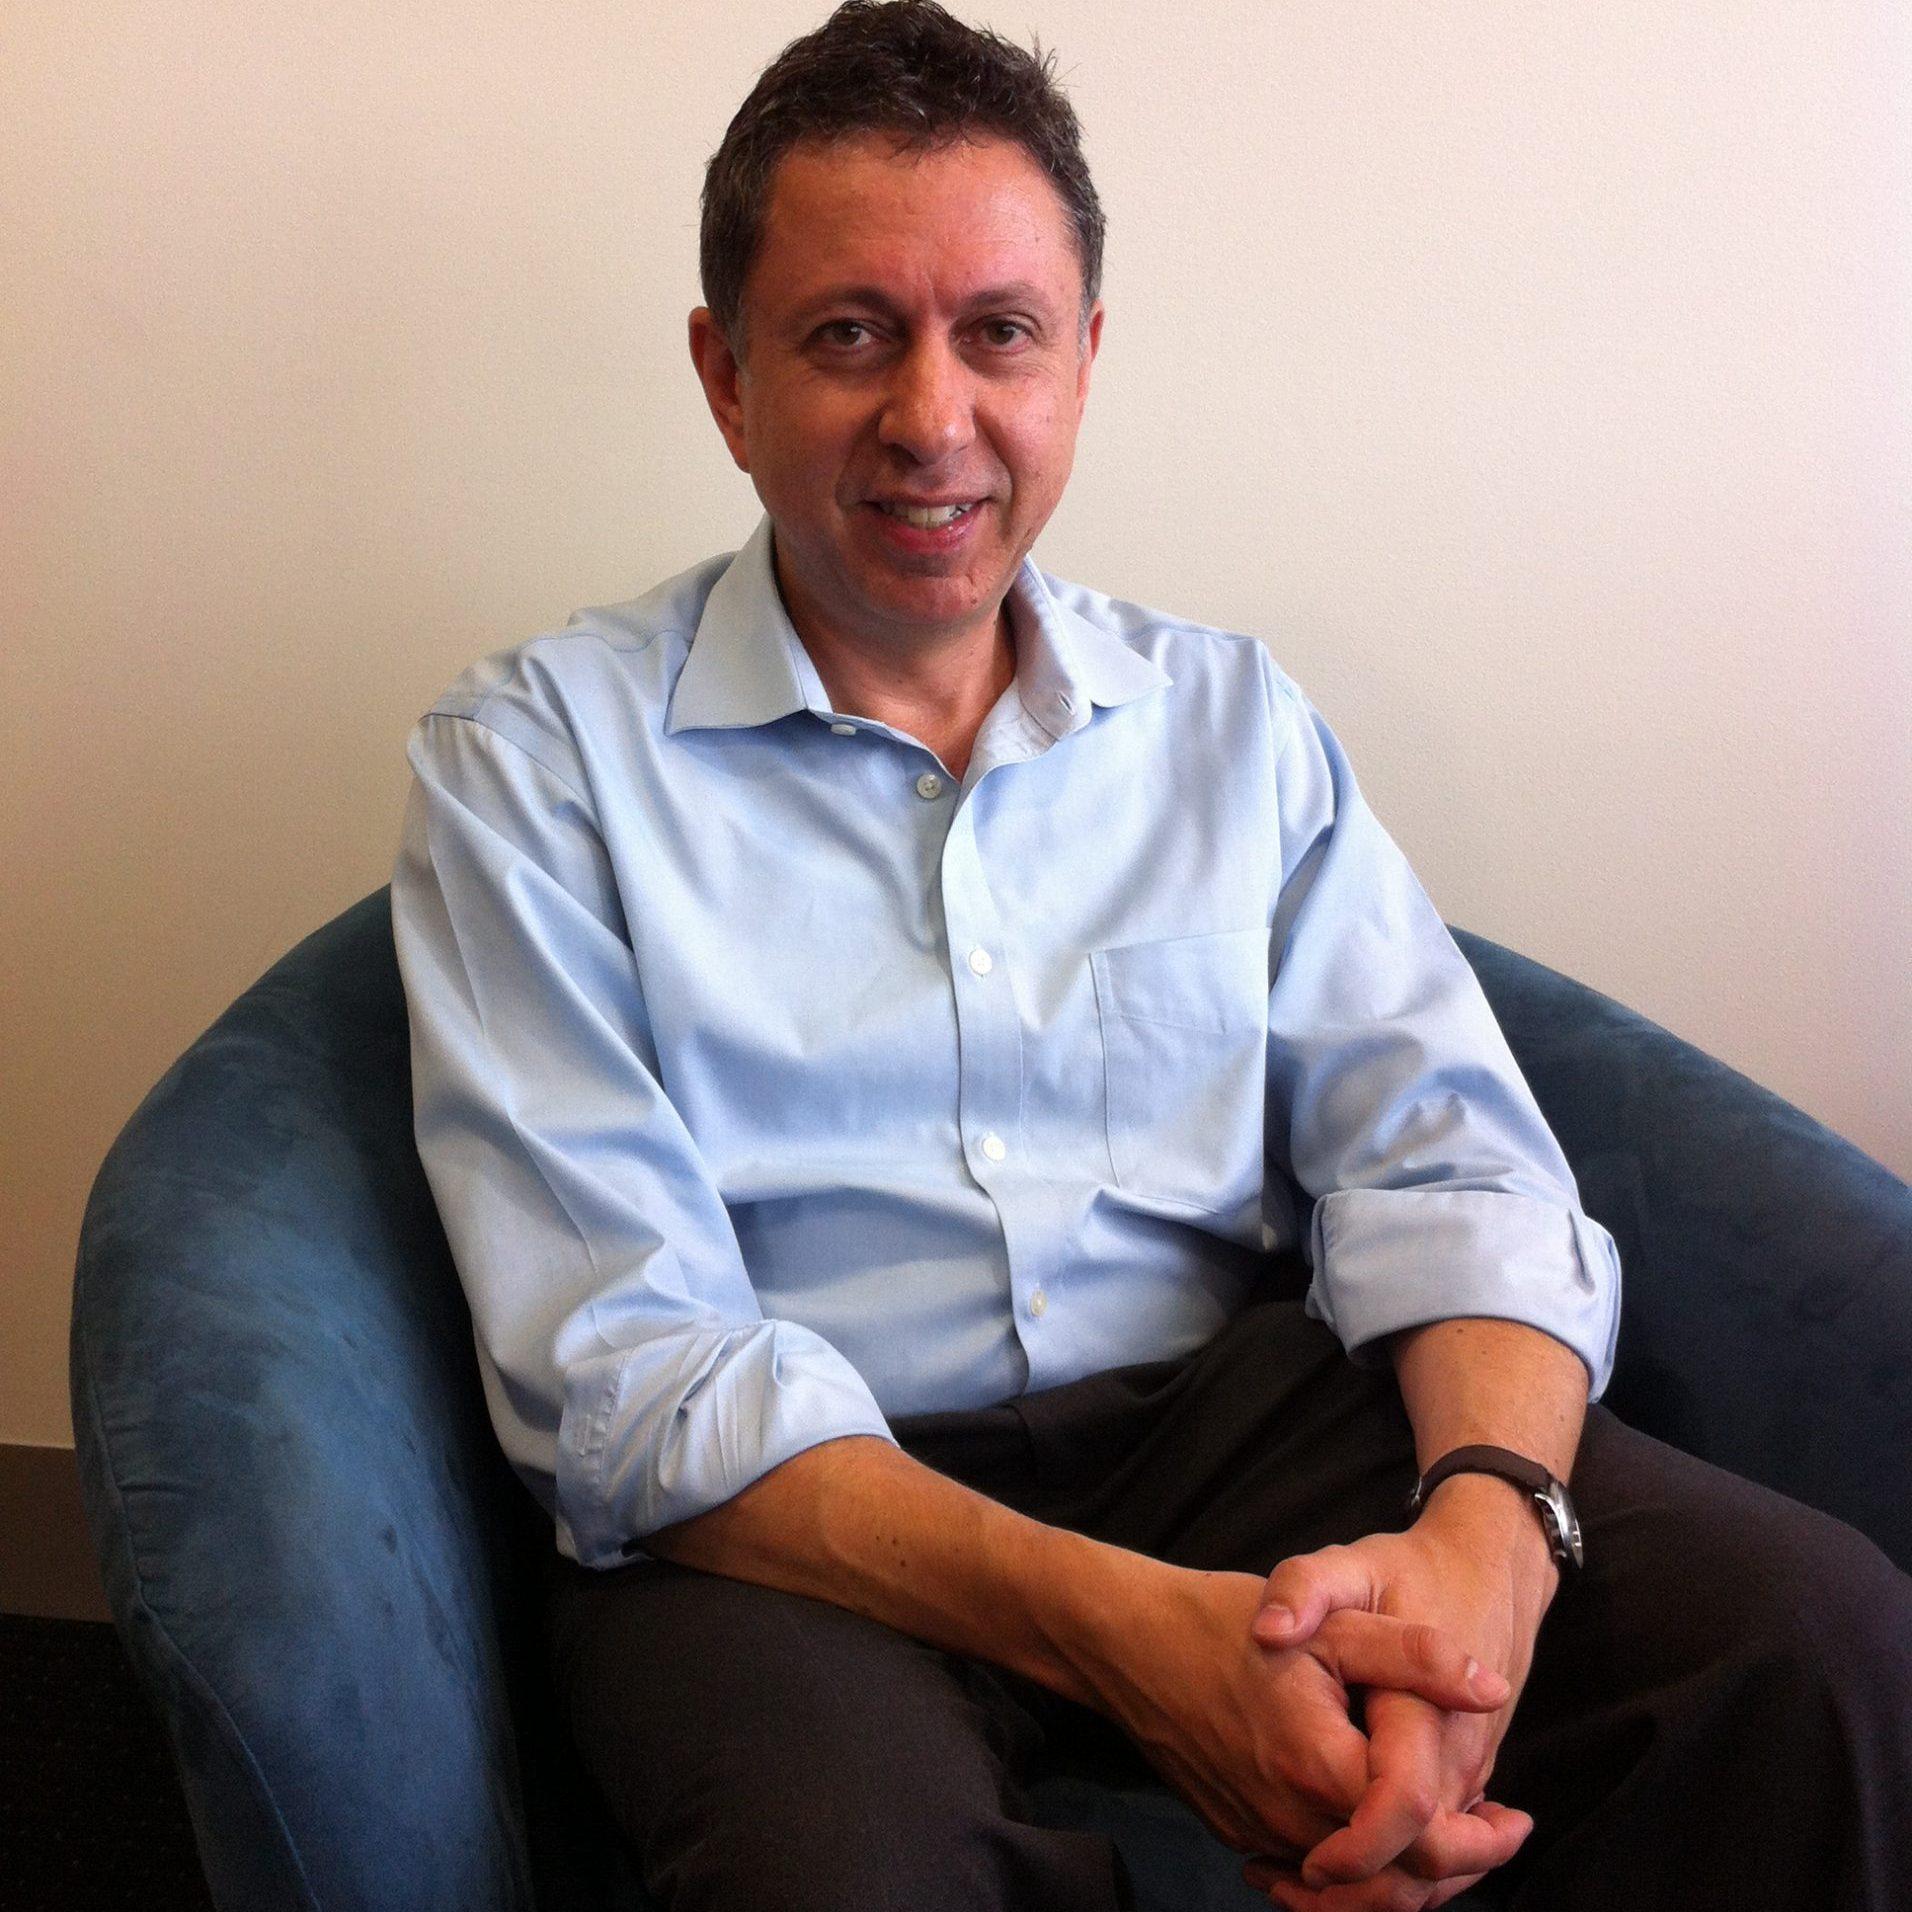 Dr Stephen Koder